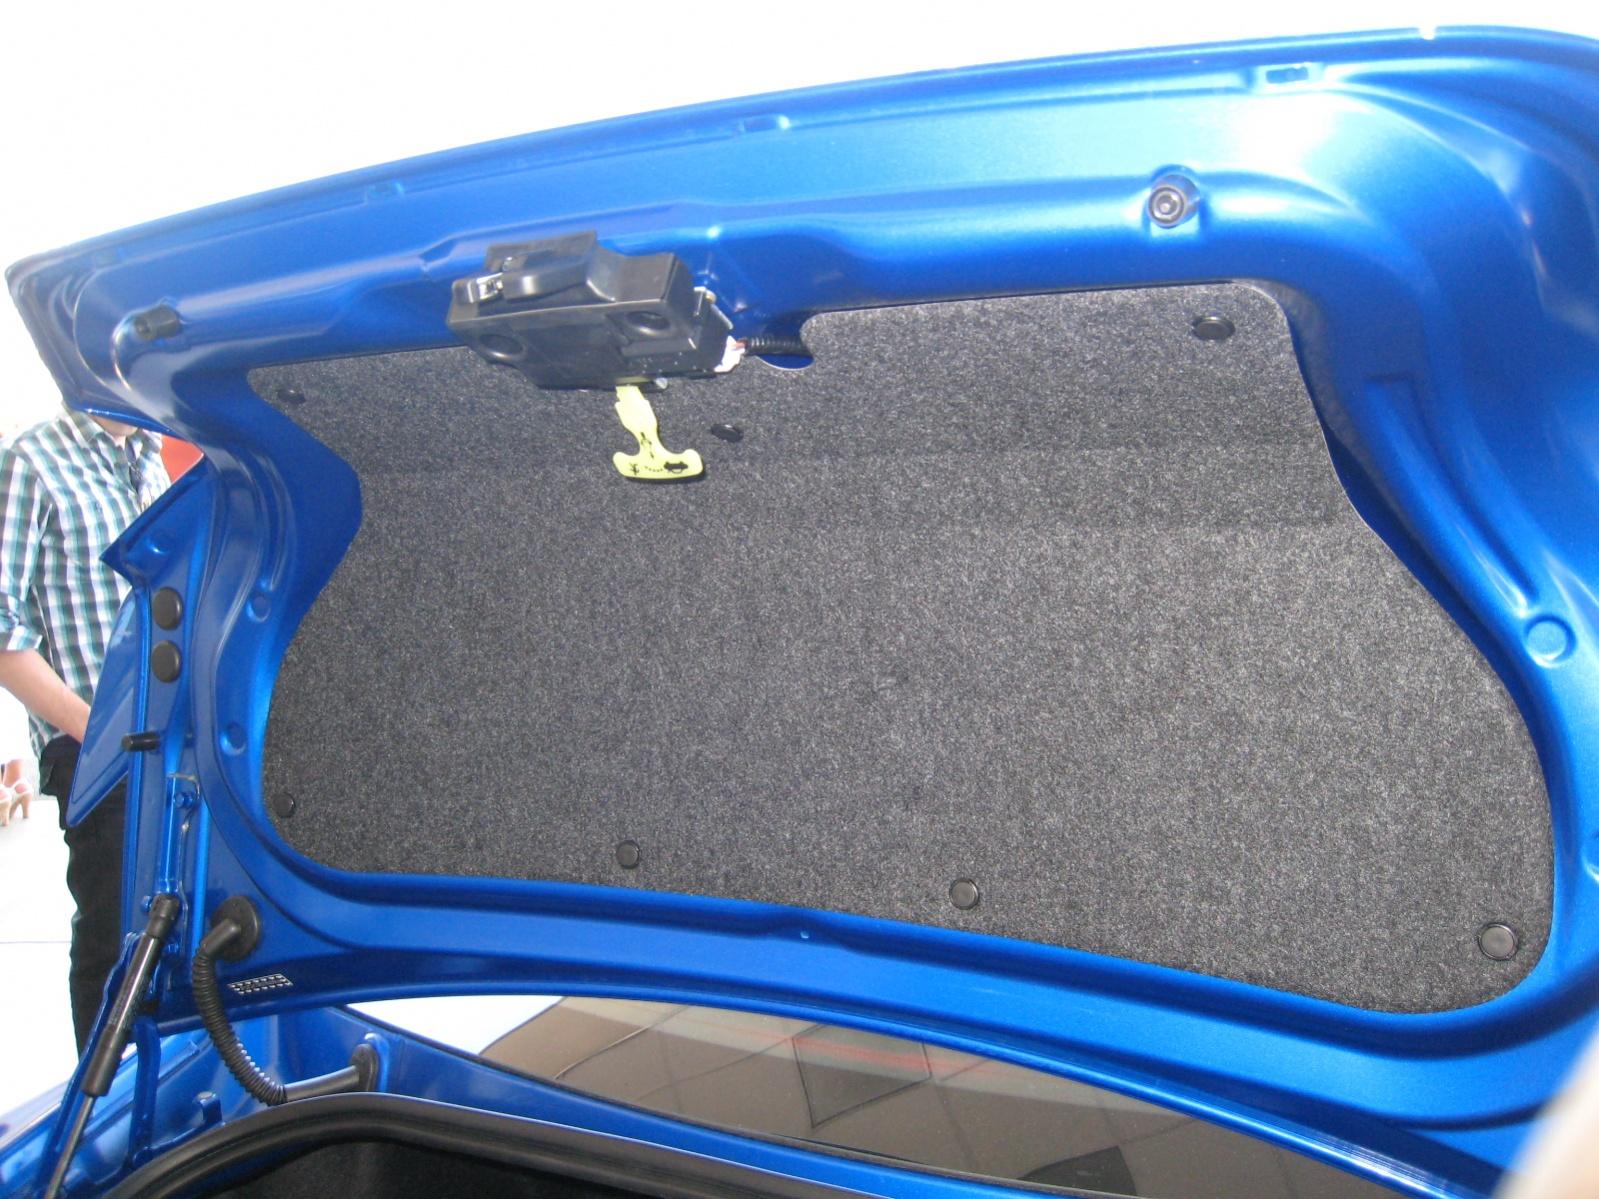 Brz Trunklid Liner For Frs Scion Fr S Forum Subaru Brz